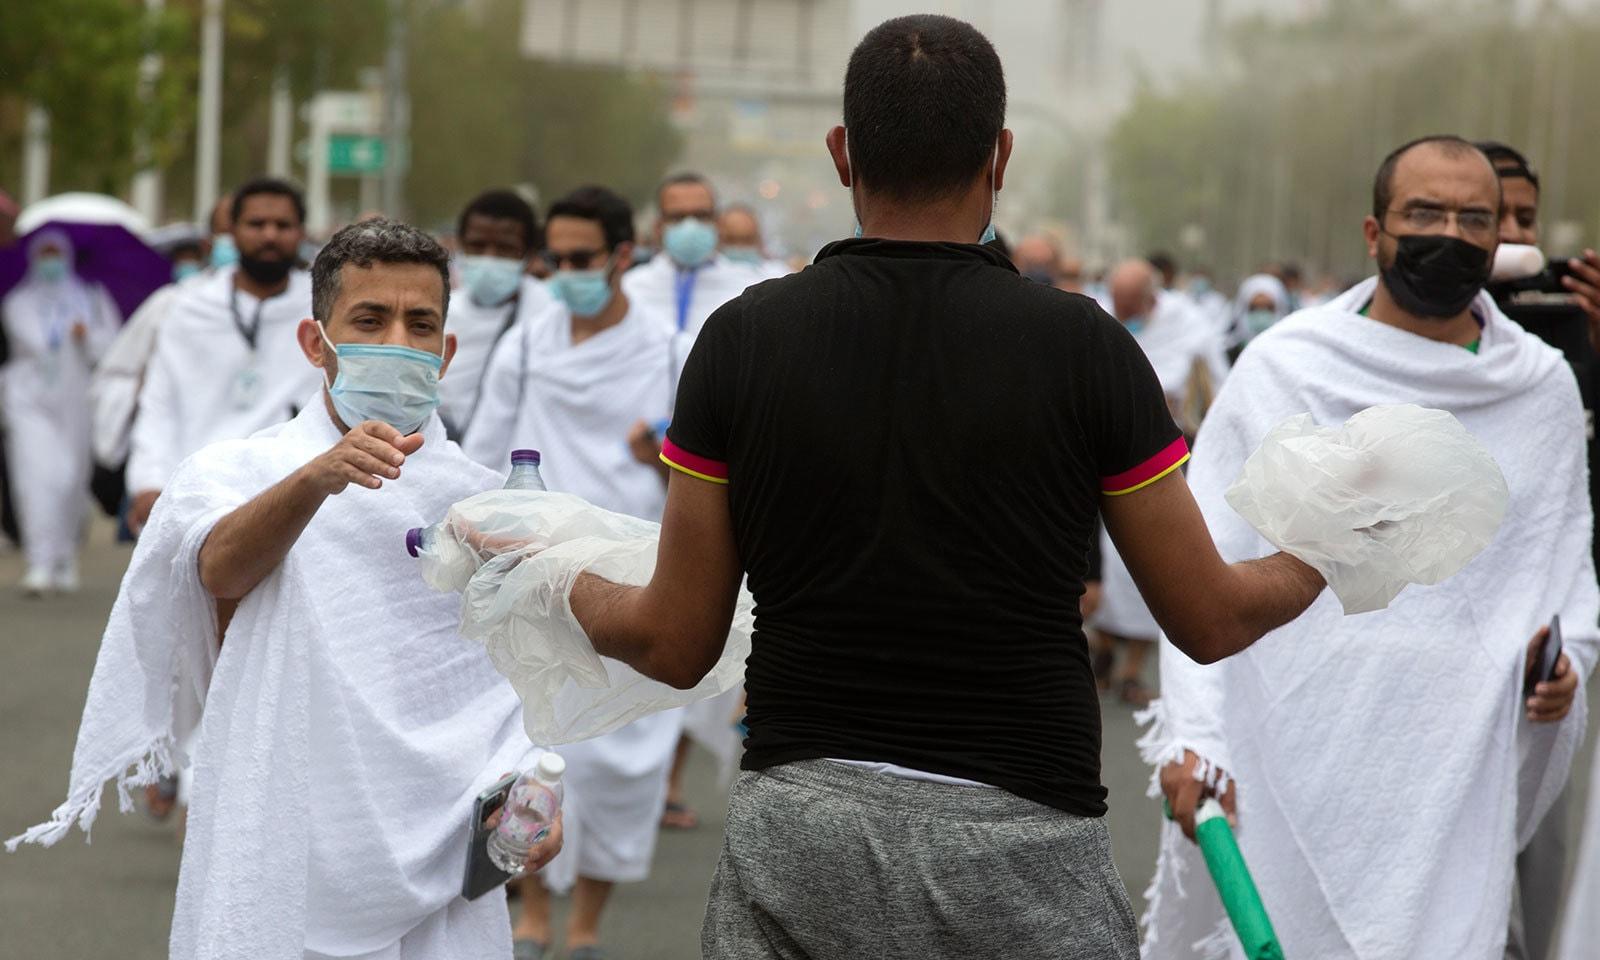 مسجد نمرہ آمد پر رضاکاروں نے عازمین میں پانی کی بوتلیں تقسیم کیں—فوٹو:اے پی